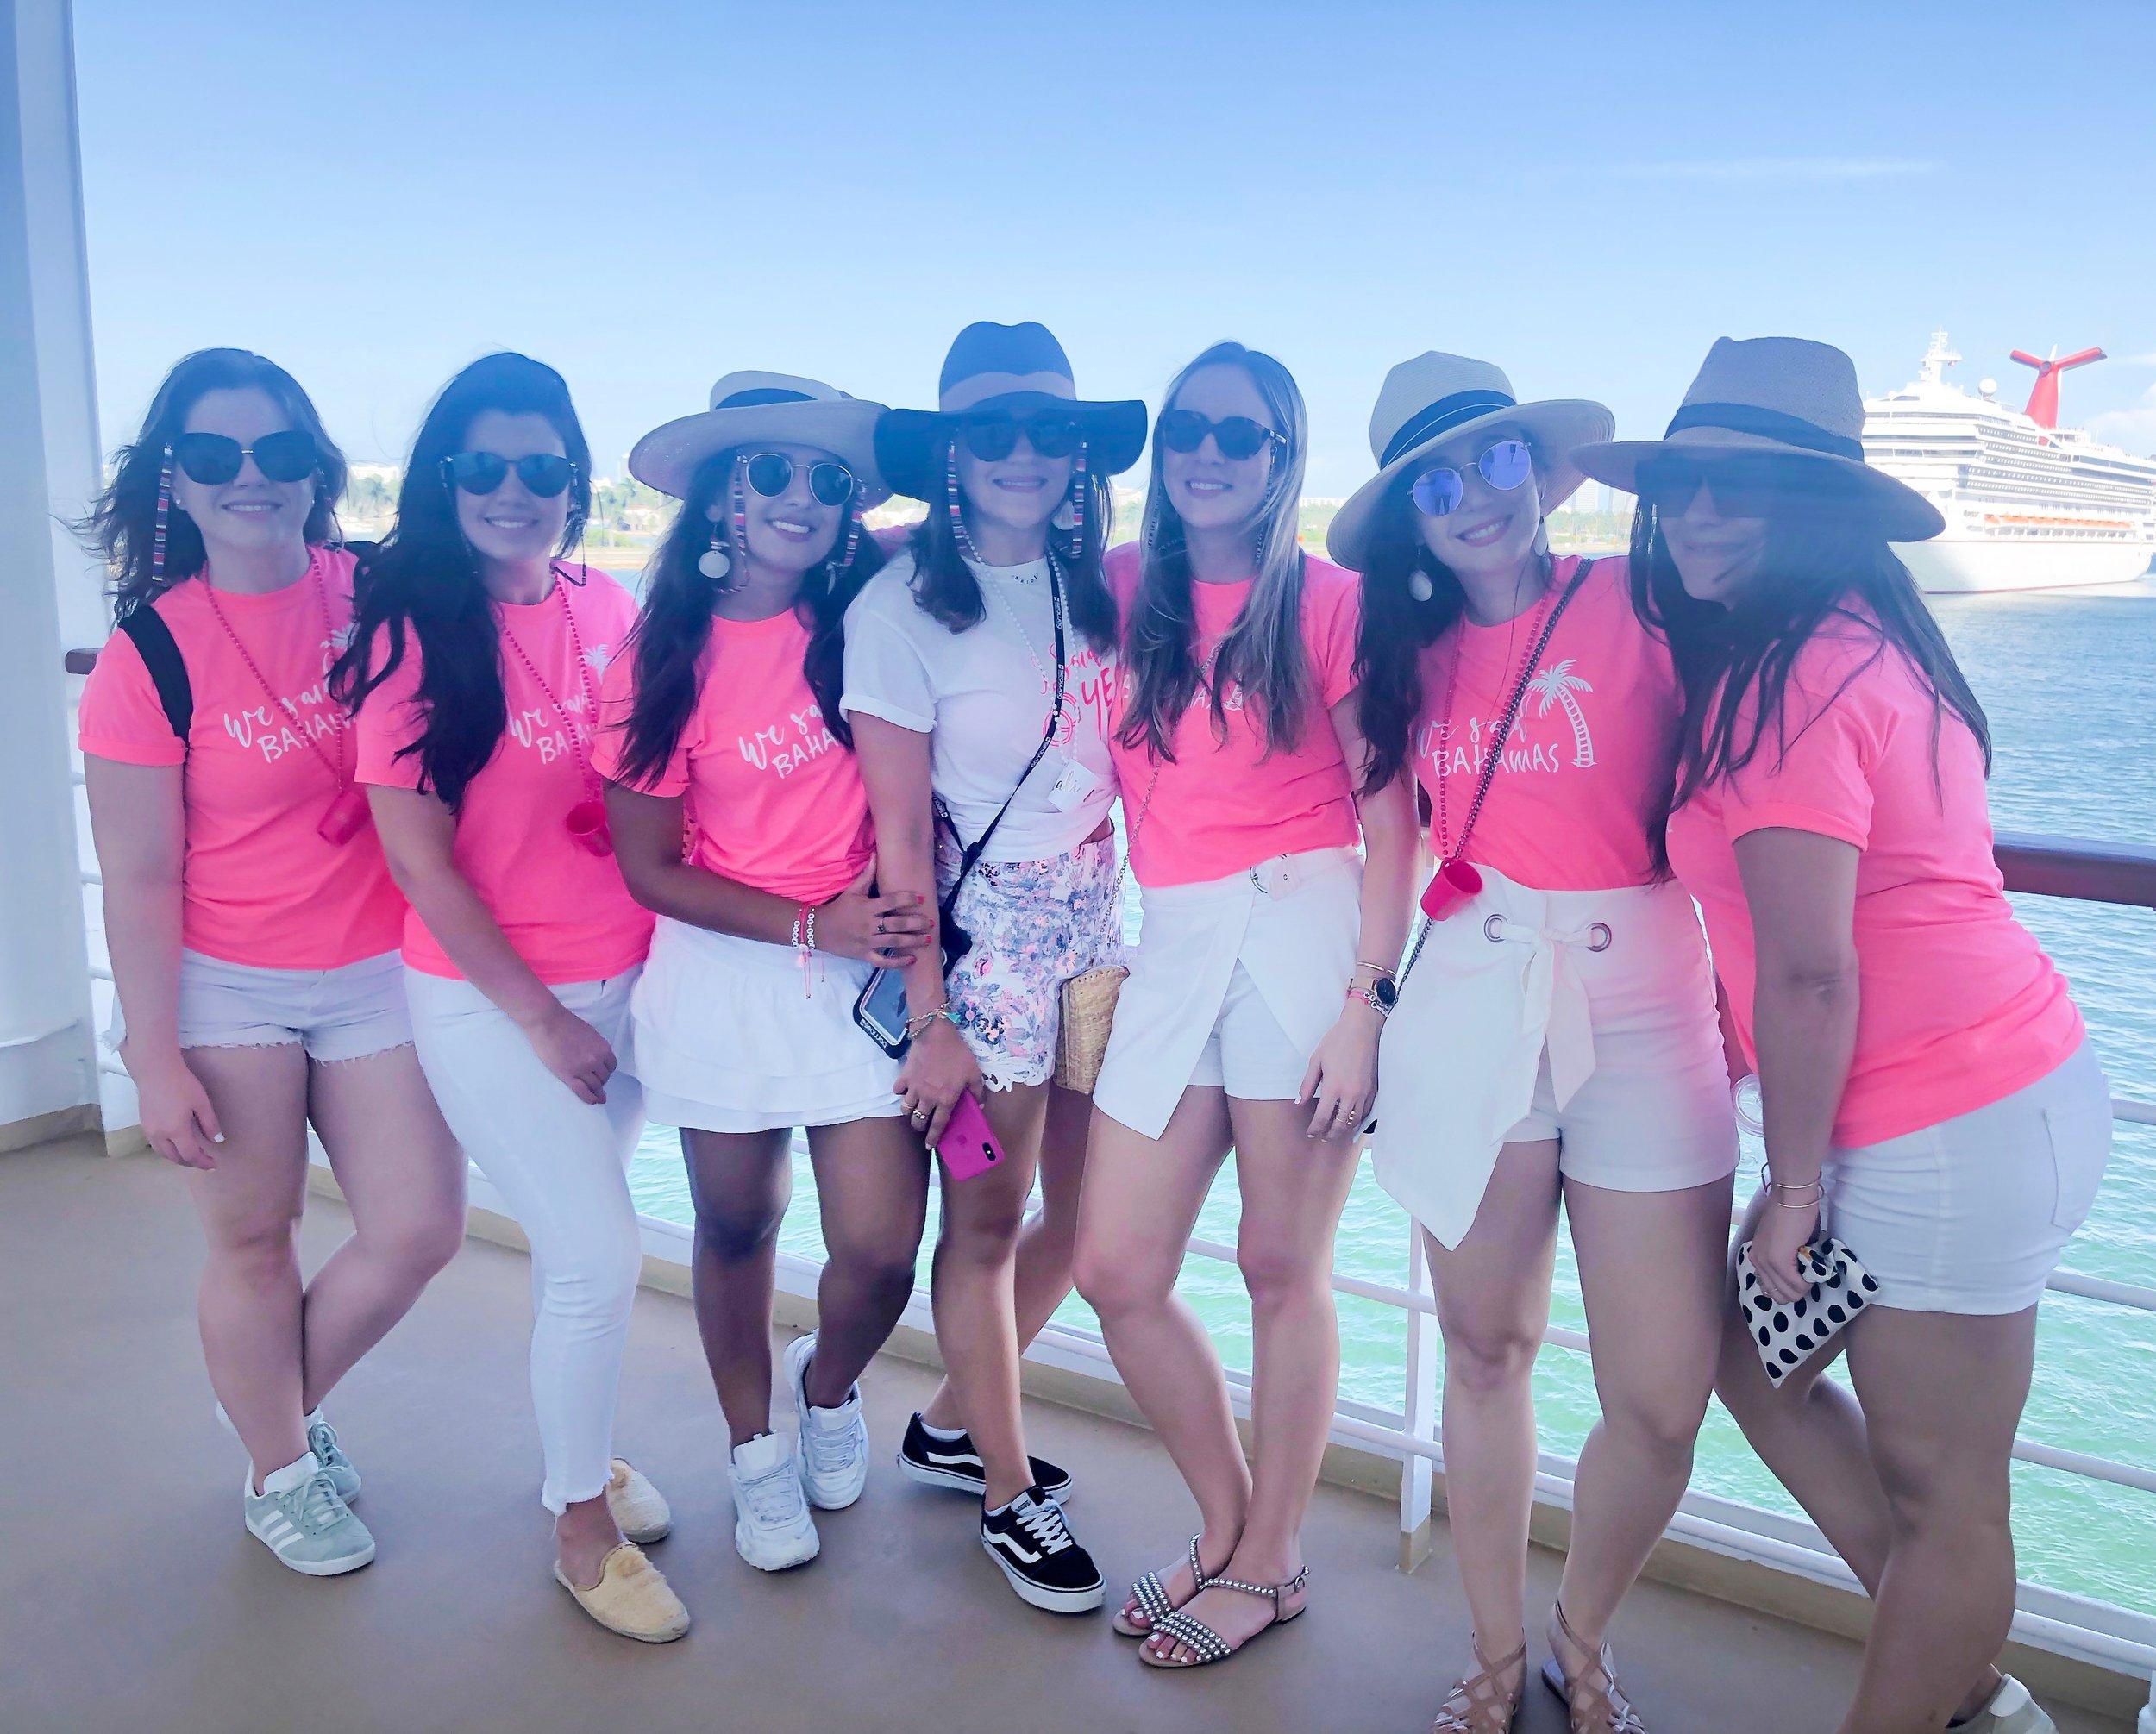 paloma de la cruz fashion travel blogger ideas paradise bahamas island caribbean vacation